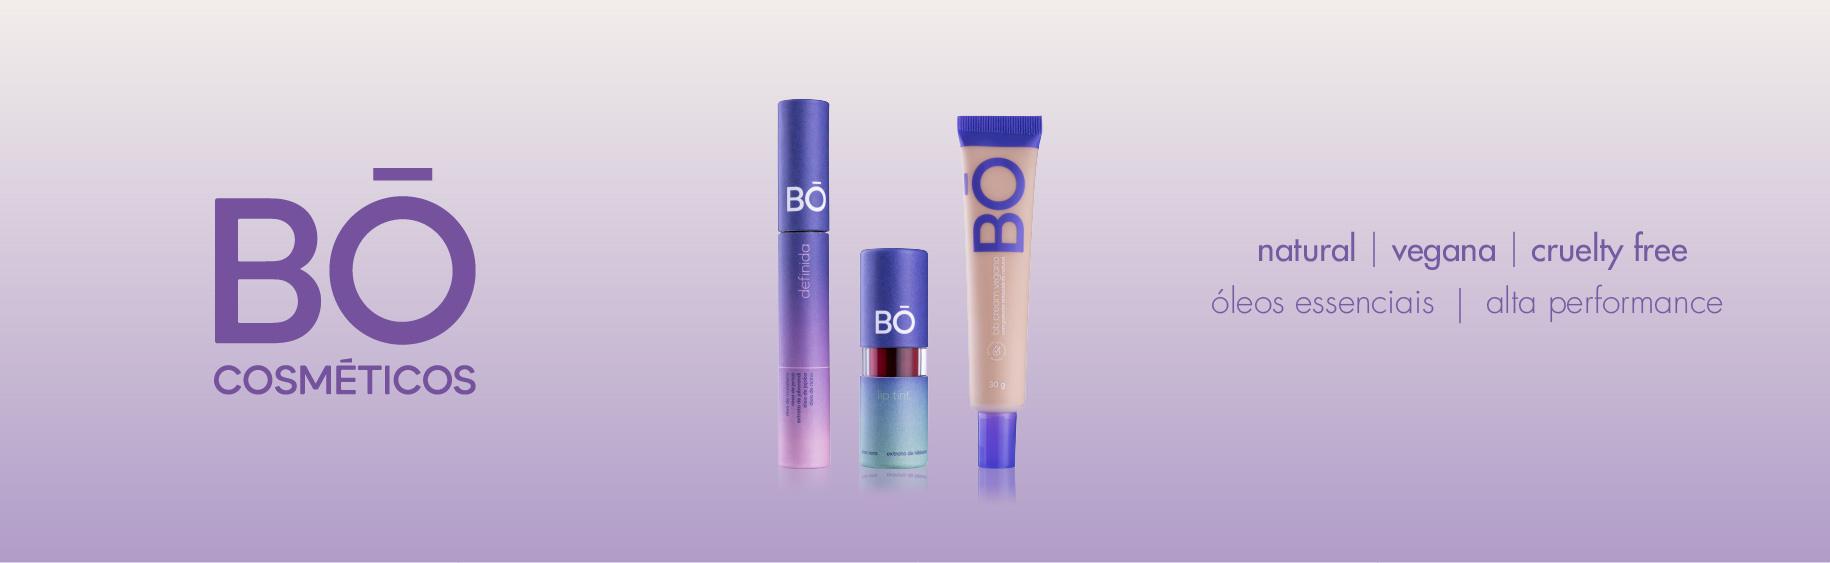 Maquiagem BO Cosméticos